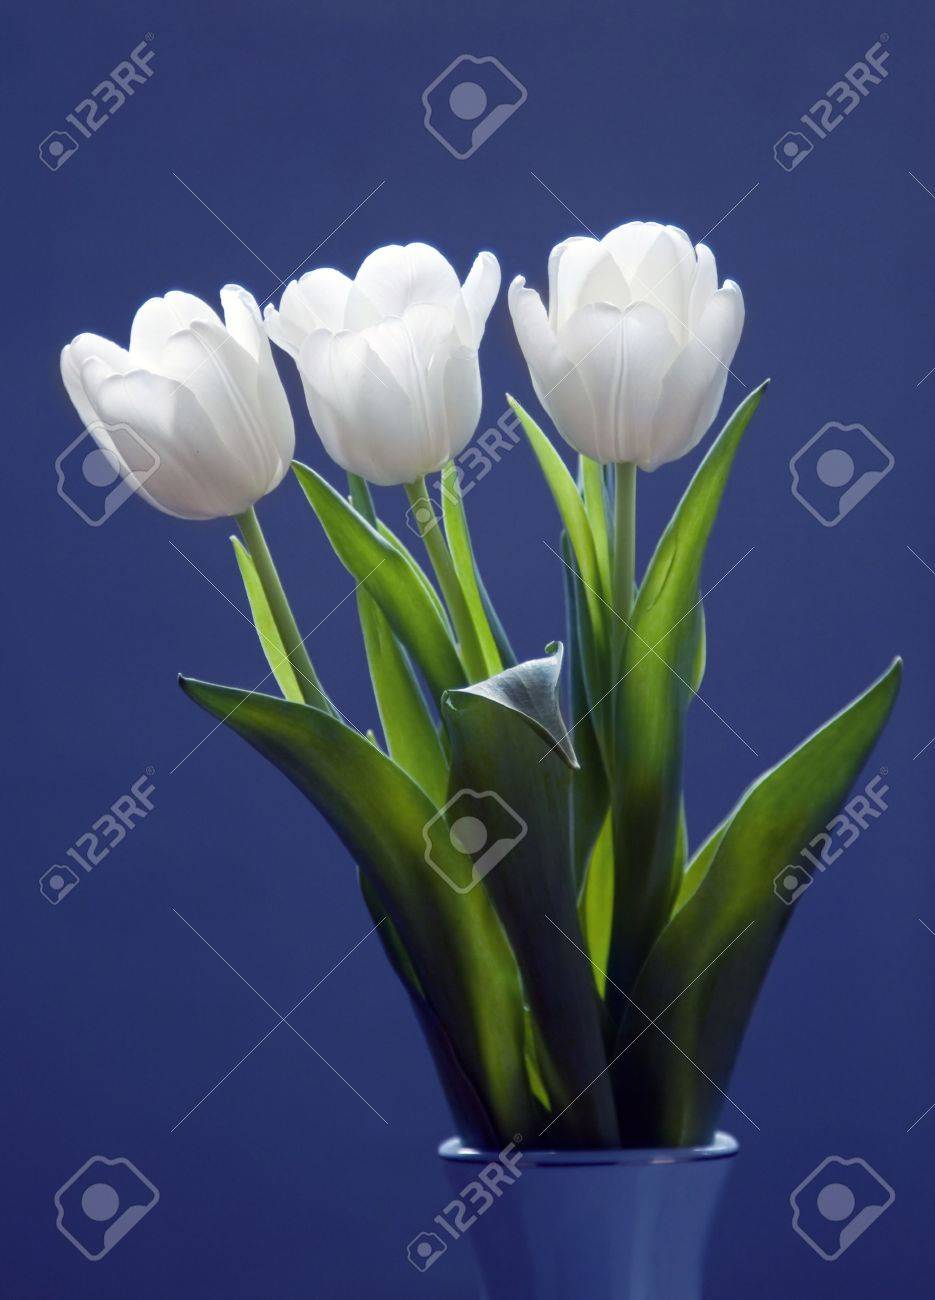 Beautiful white tulips on blue background Stock Photo - 6565315